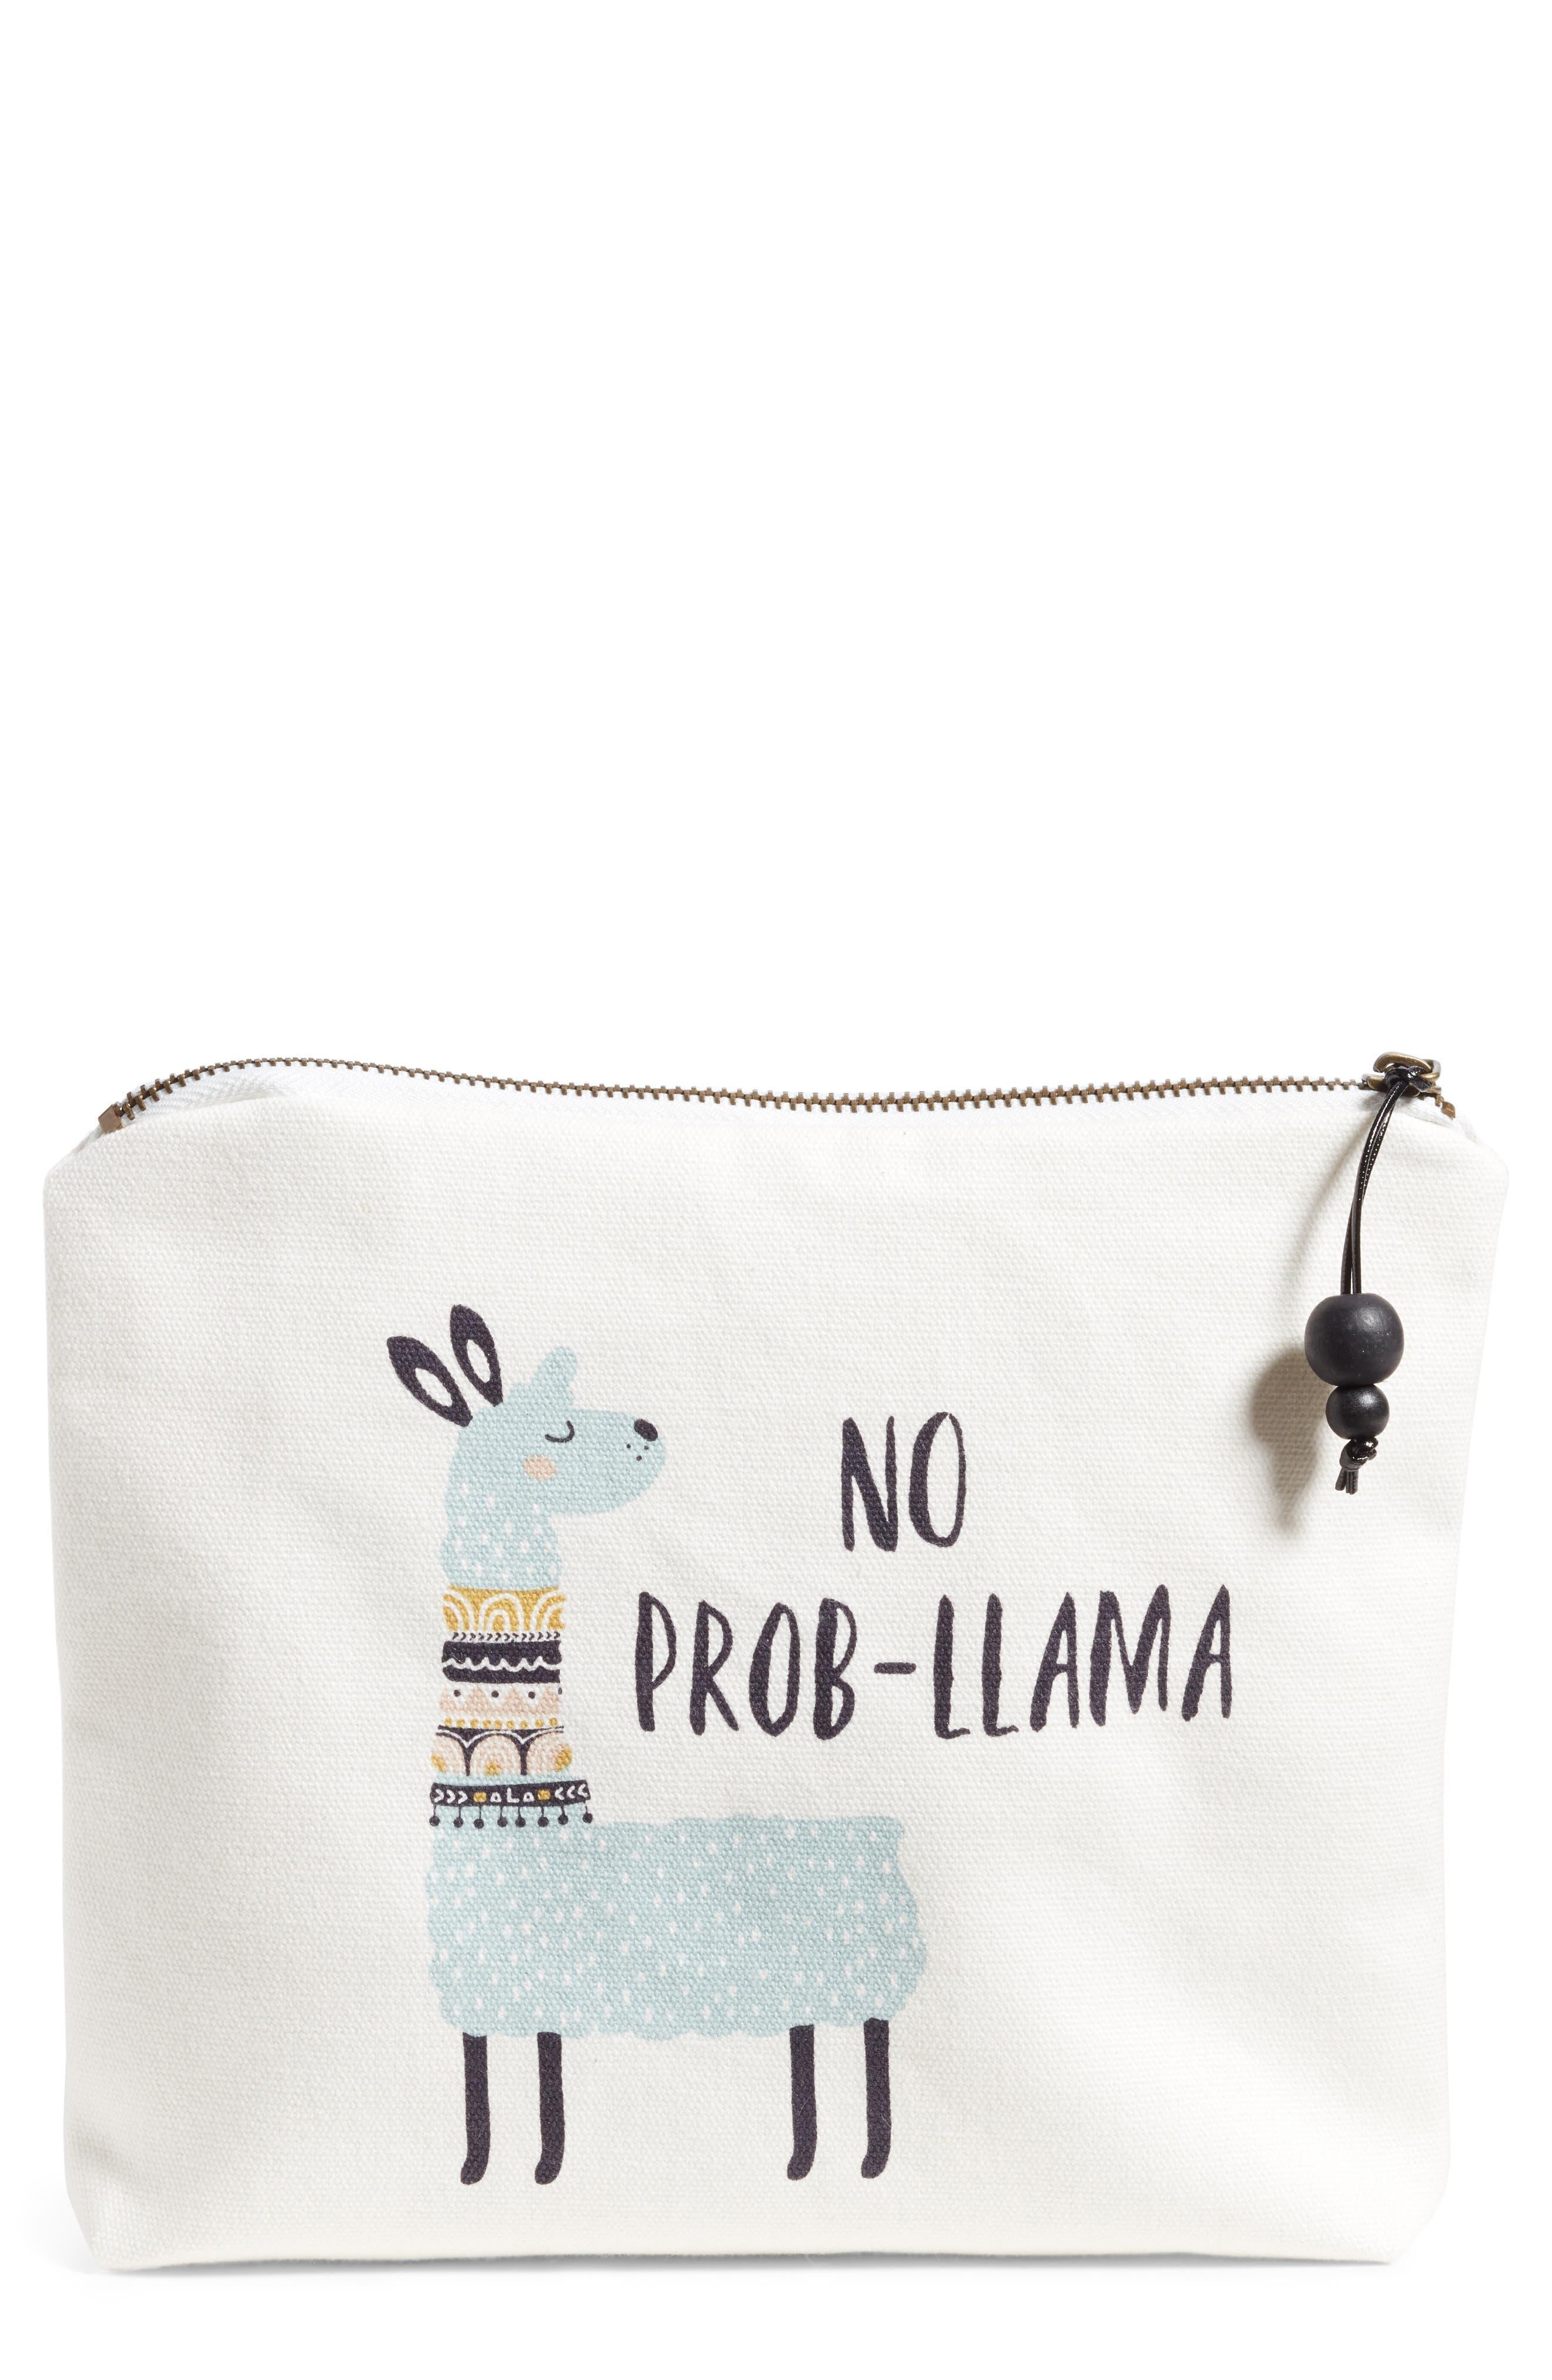 Probllama Home Accessory Bag, Main, color, 900